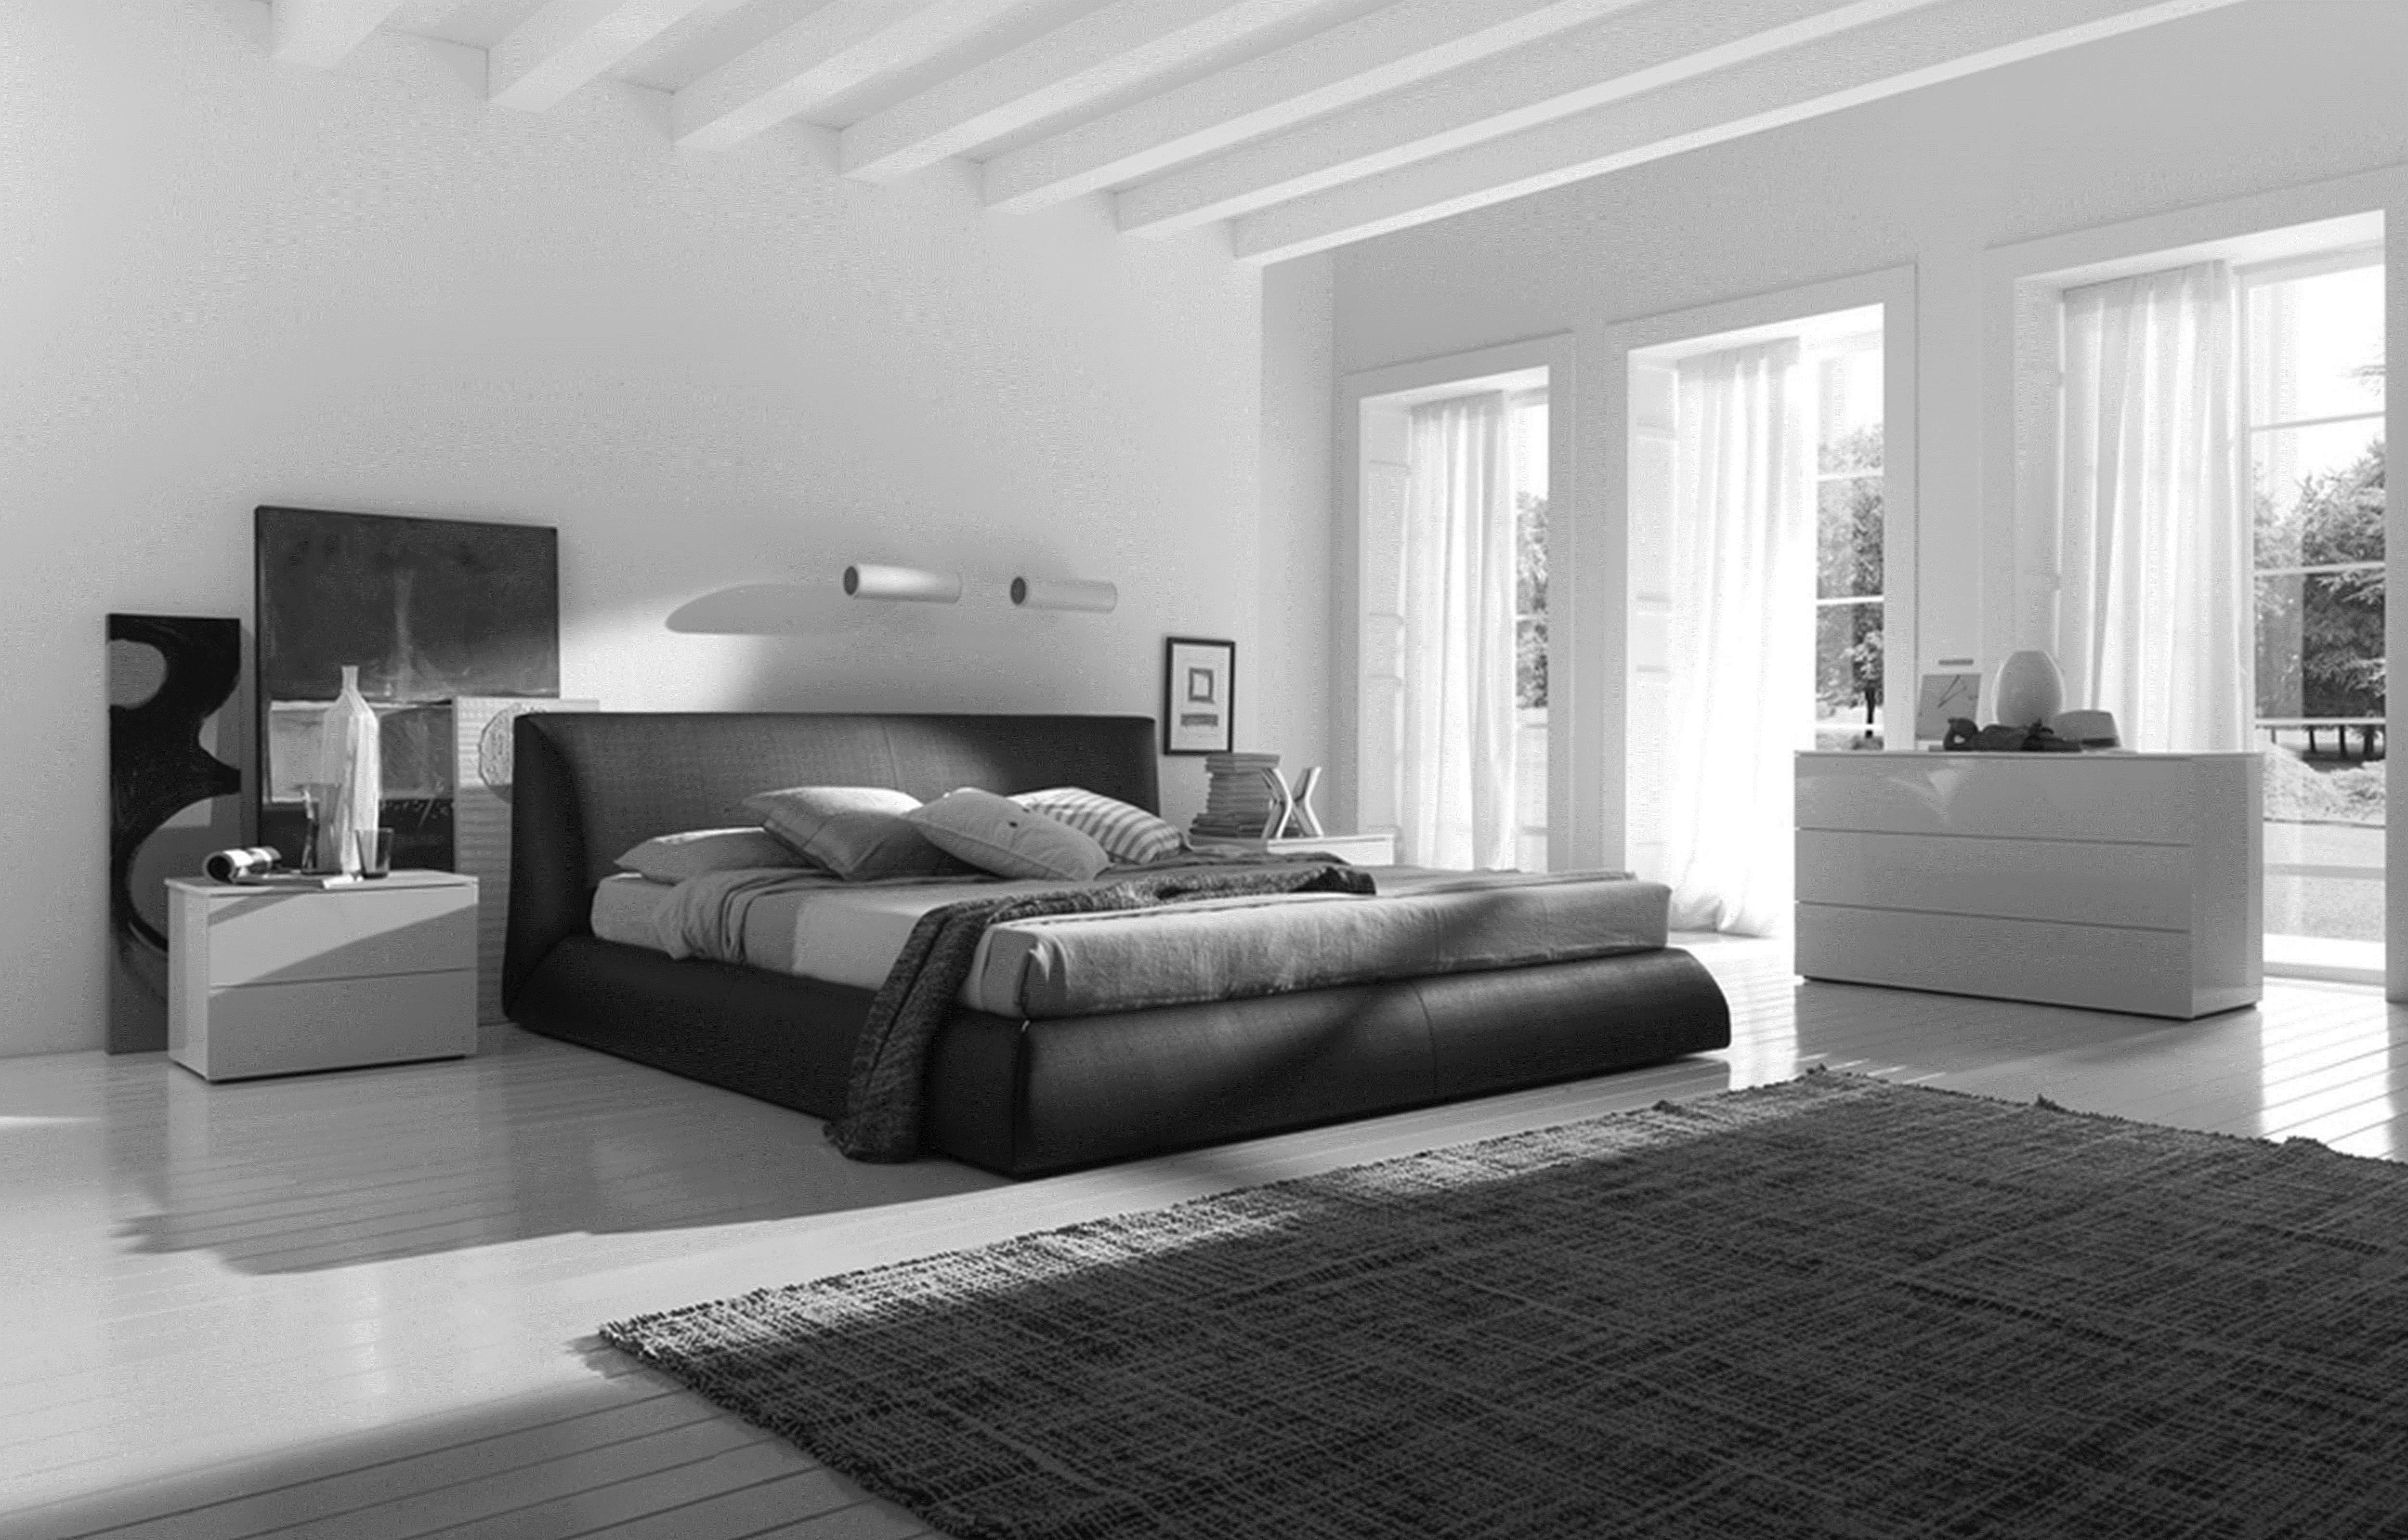 designer schlafzimmer, neueste schlafzimmer designs designer schlafzimmer schöne, Design ideen